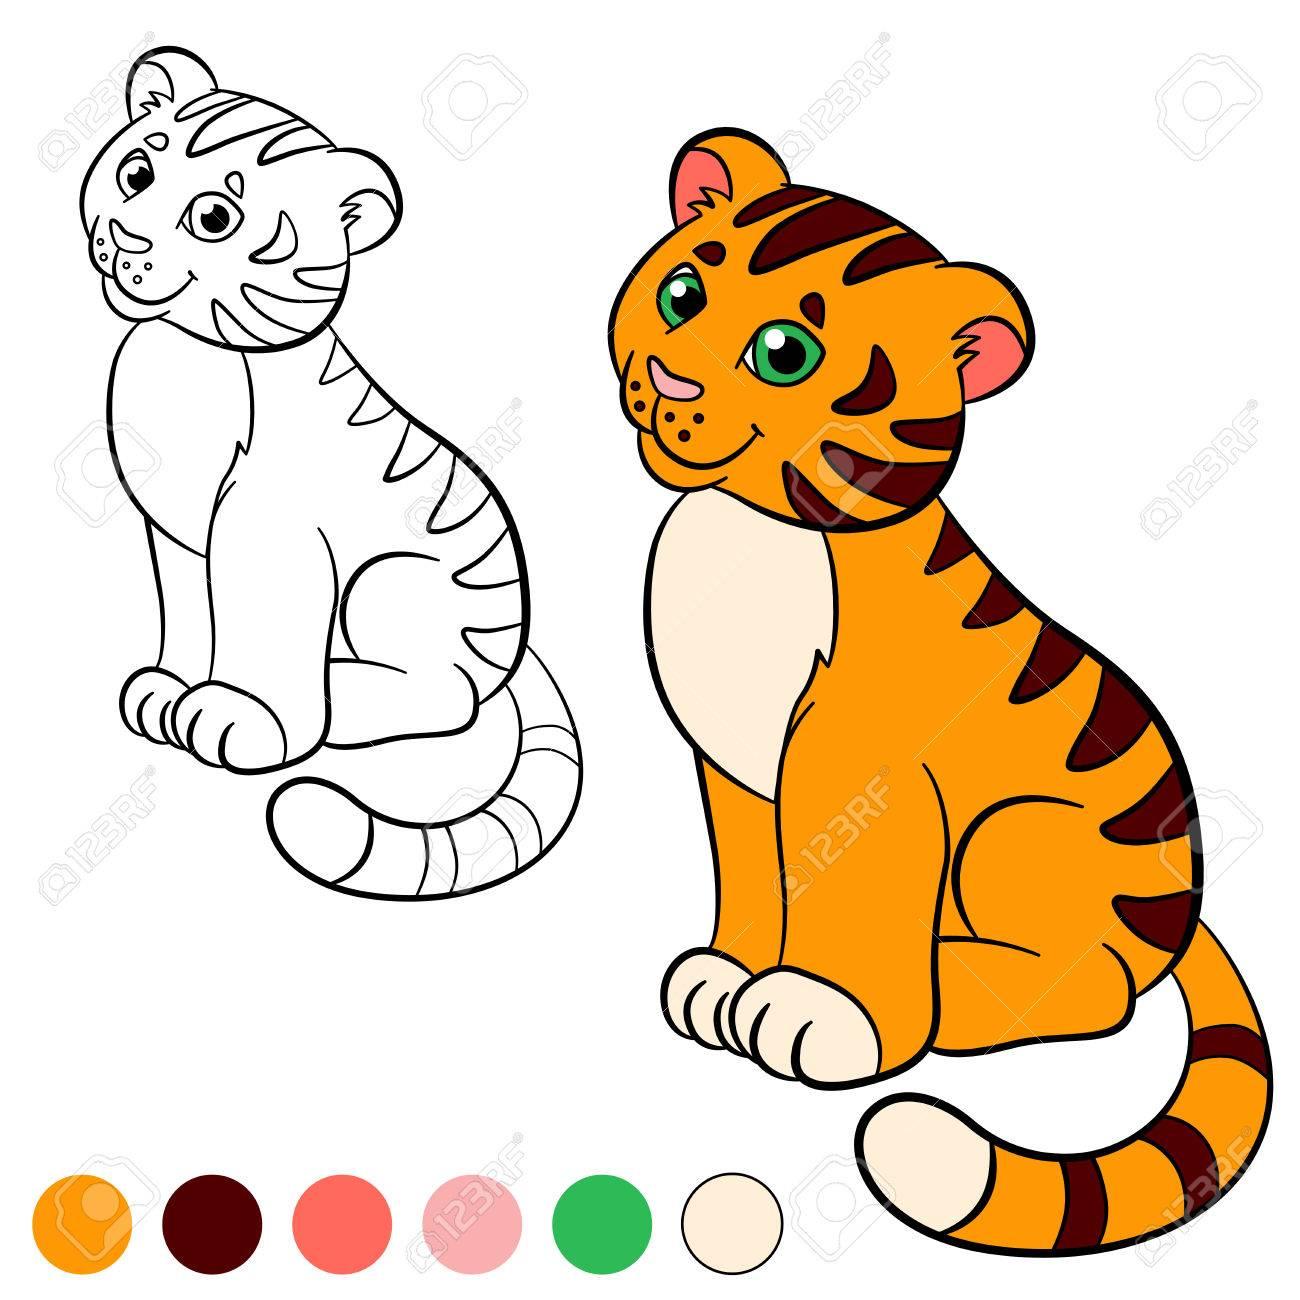 Dibujo Para Colorear. Color Me Tigre. Pequeño Tigre Lindo Bebé Se ...